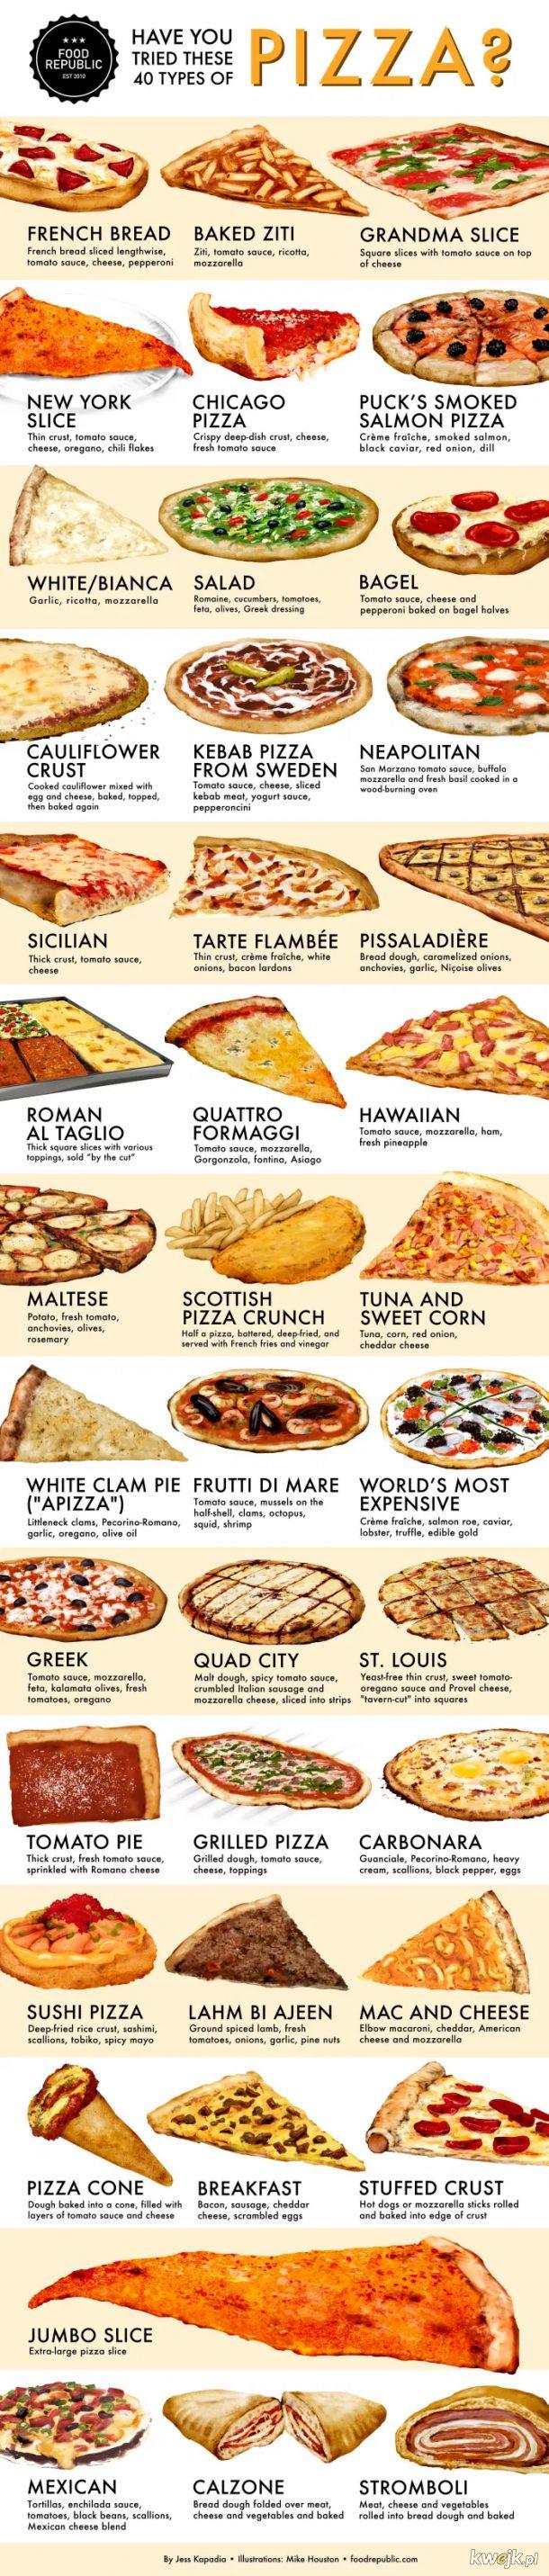 W dobie wielkiego kryzysu porozmawiajmy o czyms ważnym. która pizza jest najlepsza?